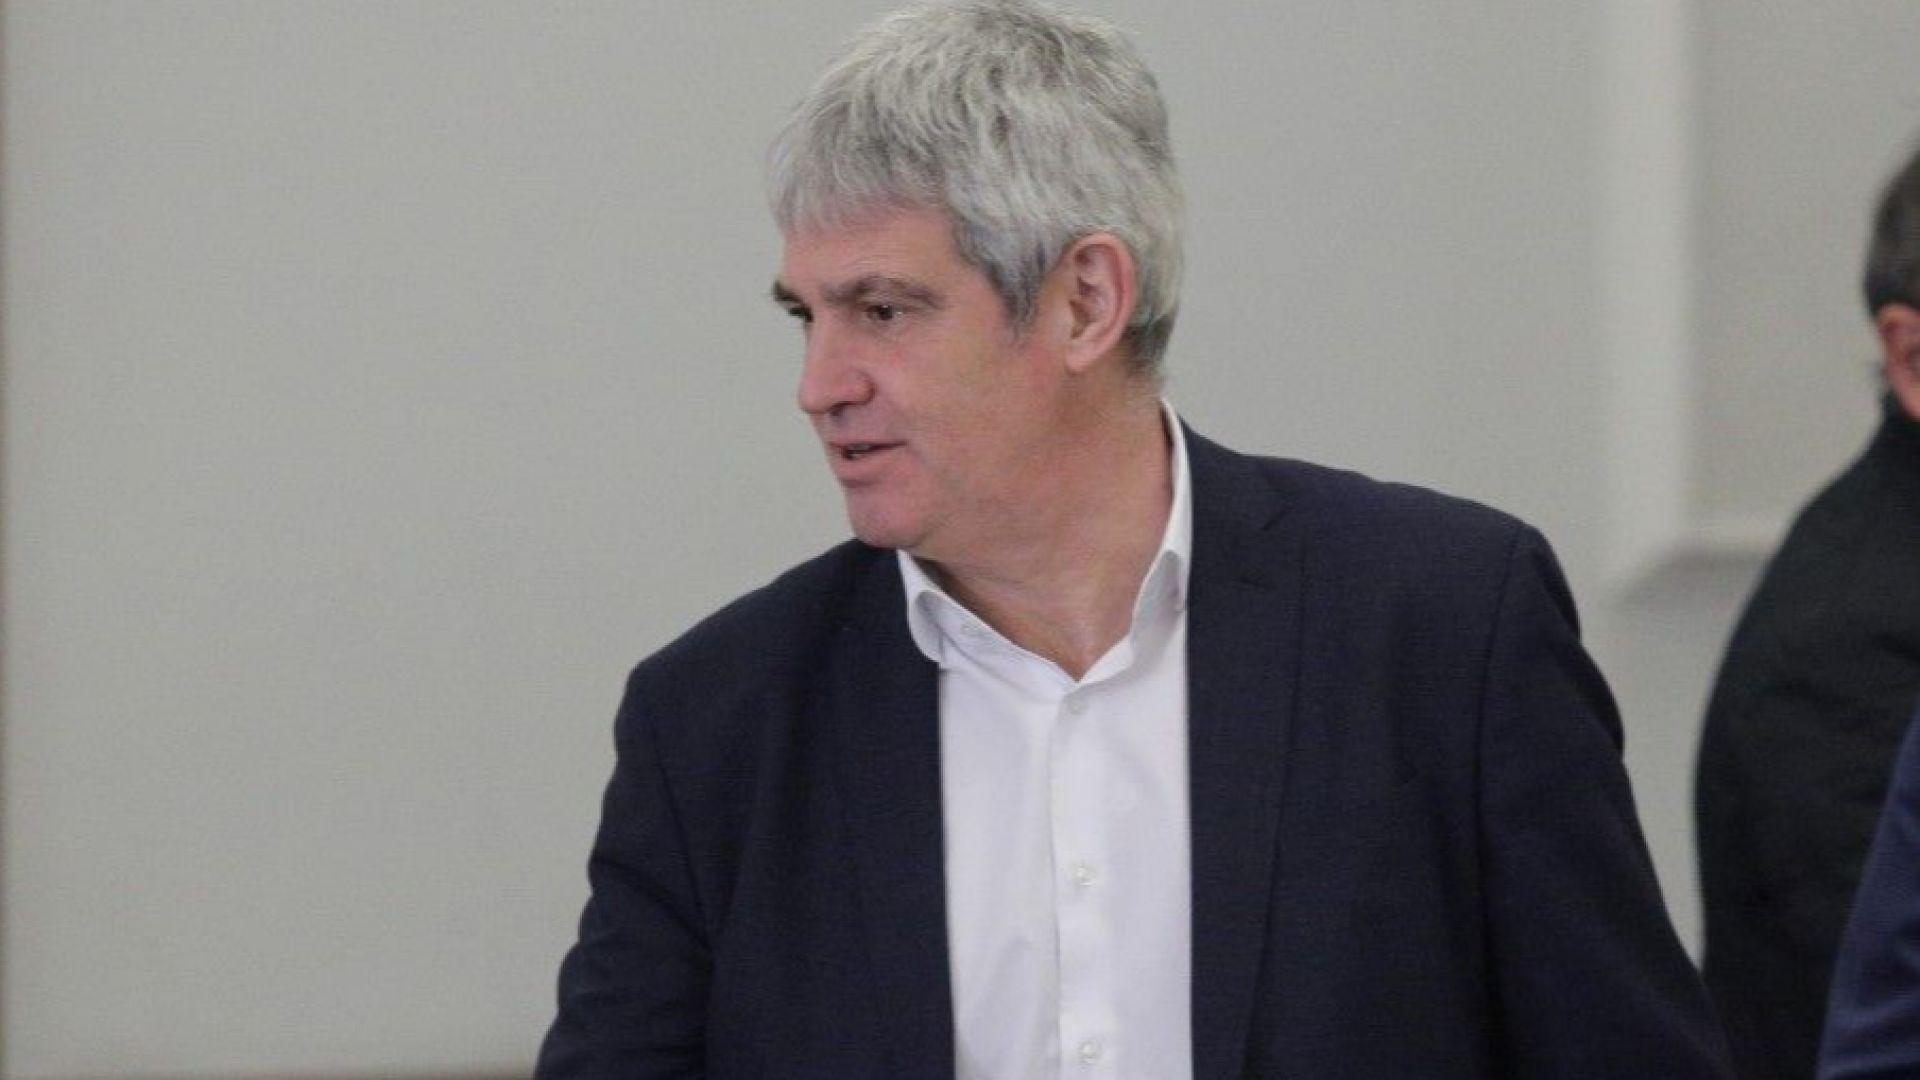 Пламен Димитров за болничните: Хората ще реагират и ние ще ги поведем, бизнес и депутати на нож със синдикатите